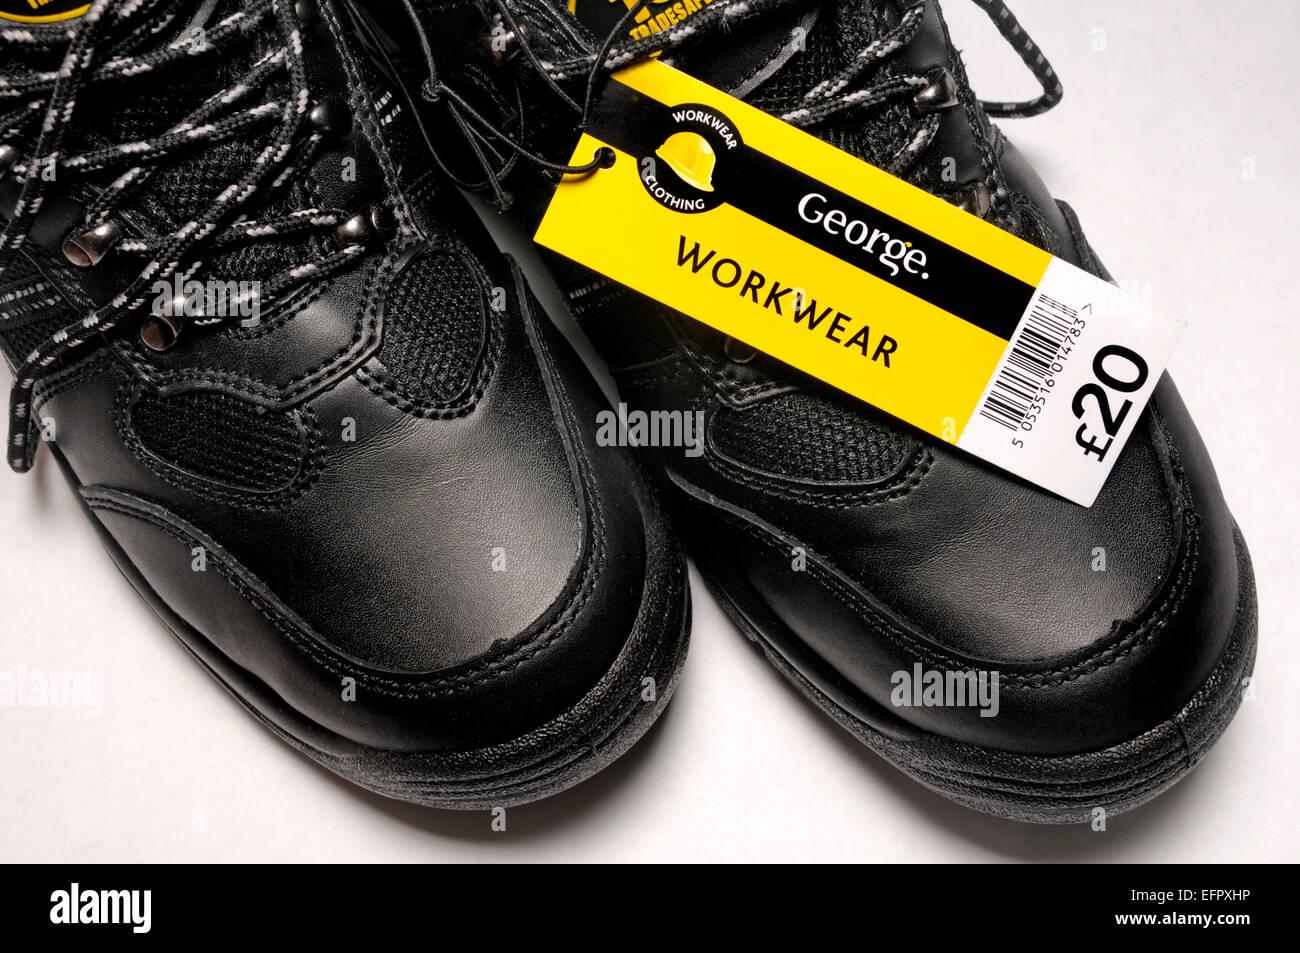 Scarpe a buon mercato (£20) acquistati presso la Asda (UK) Immagini Stock